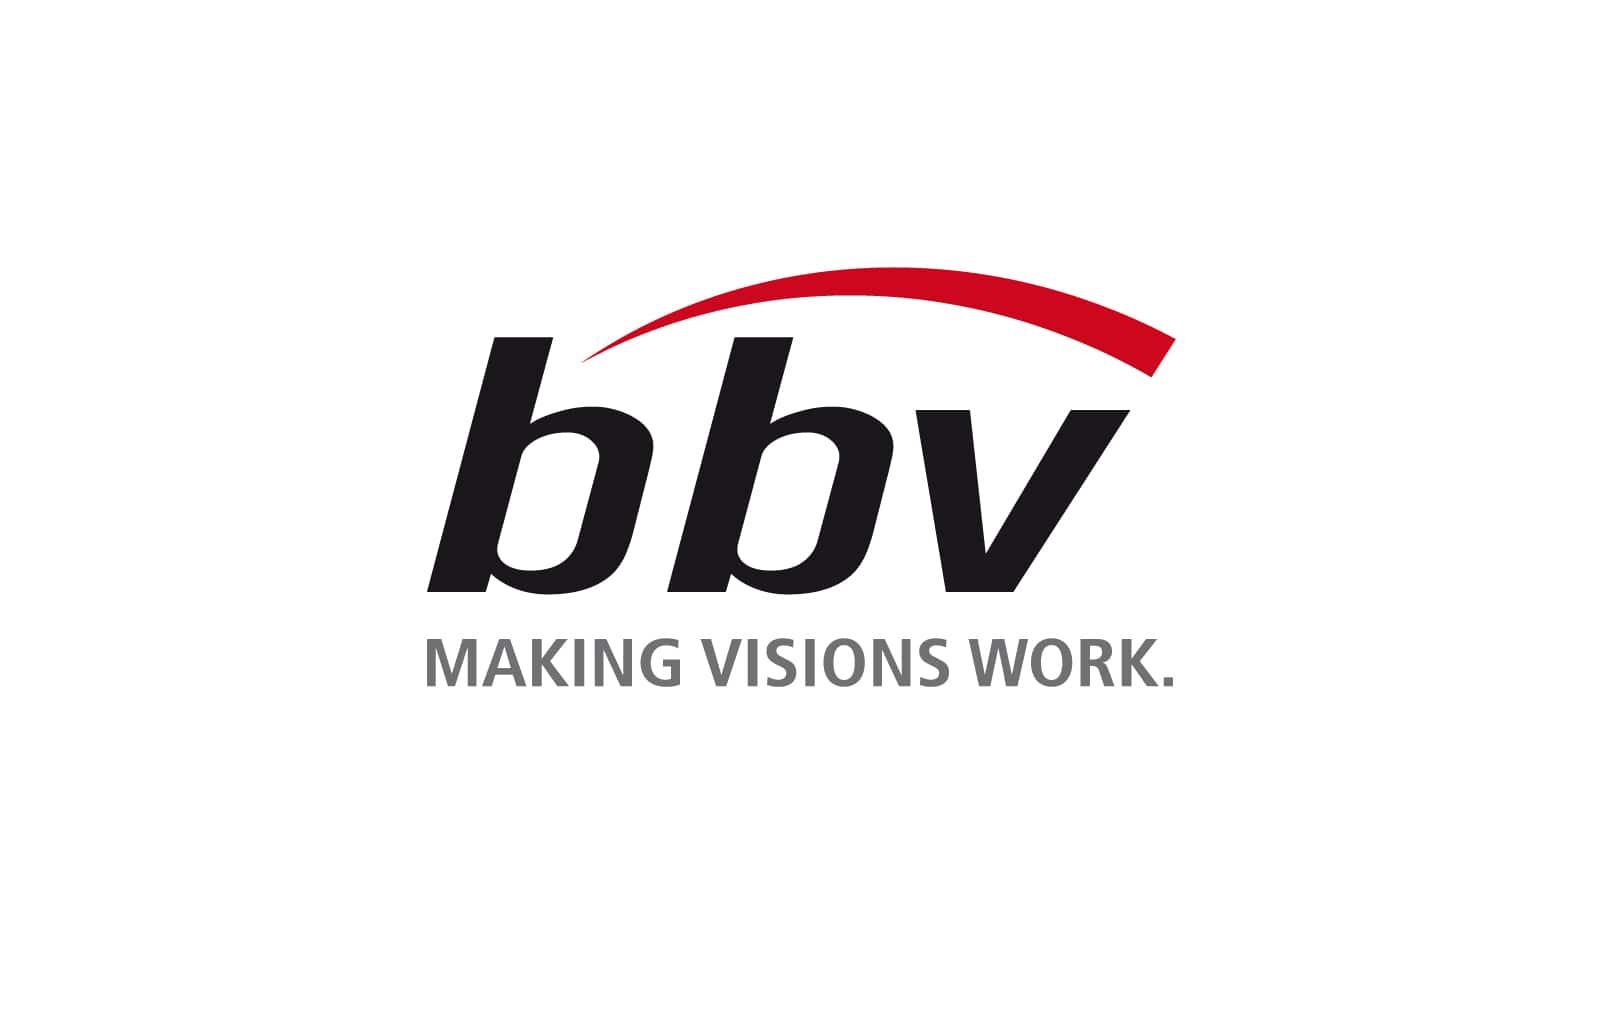 bbv_Logo-komprimiert.jpg